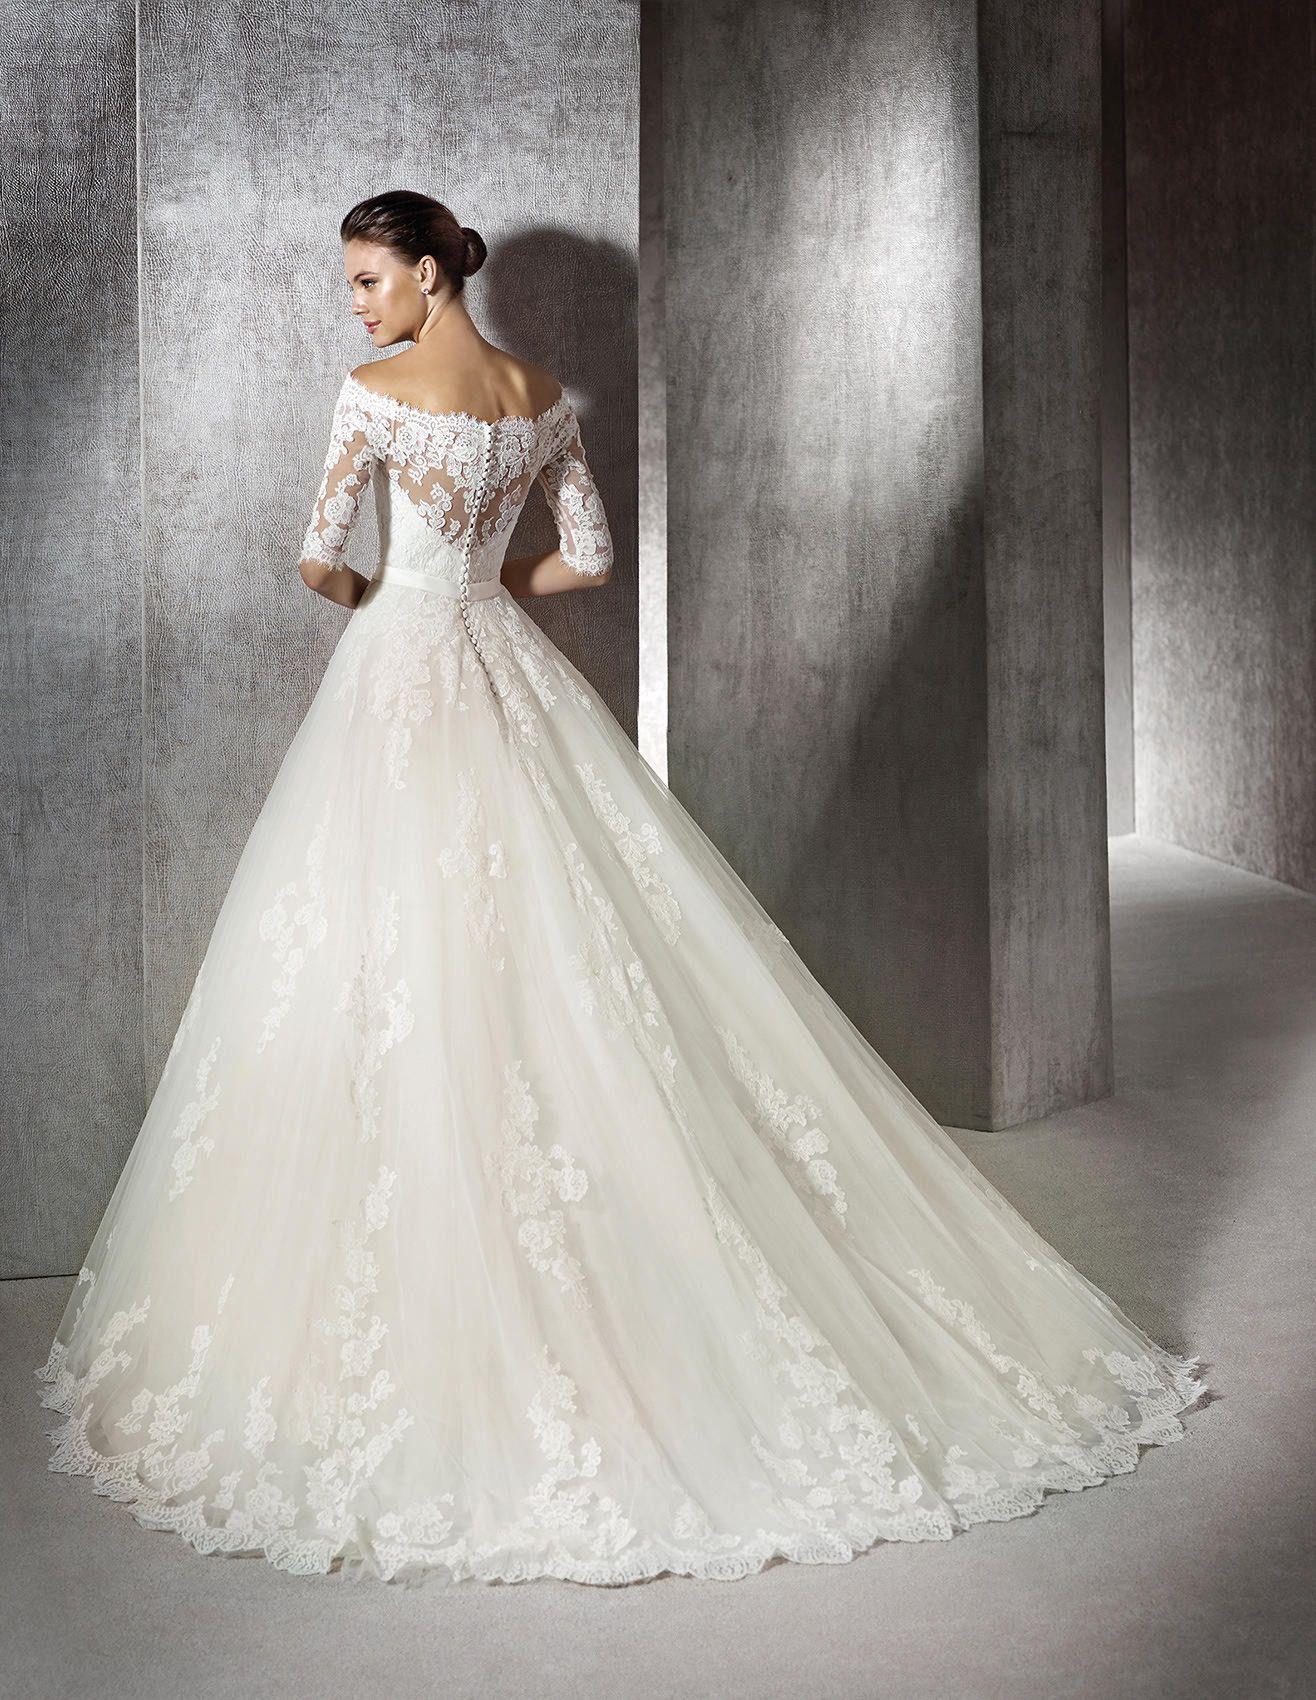 Brautkleid aus Tüll mit Spitzenapplikationen im Prinzessin-Stil ...